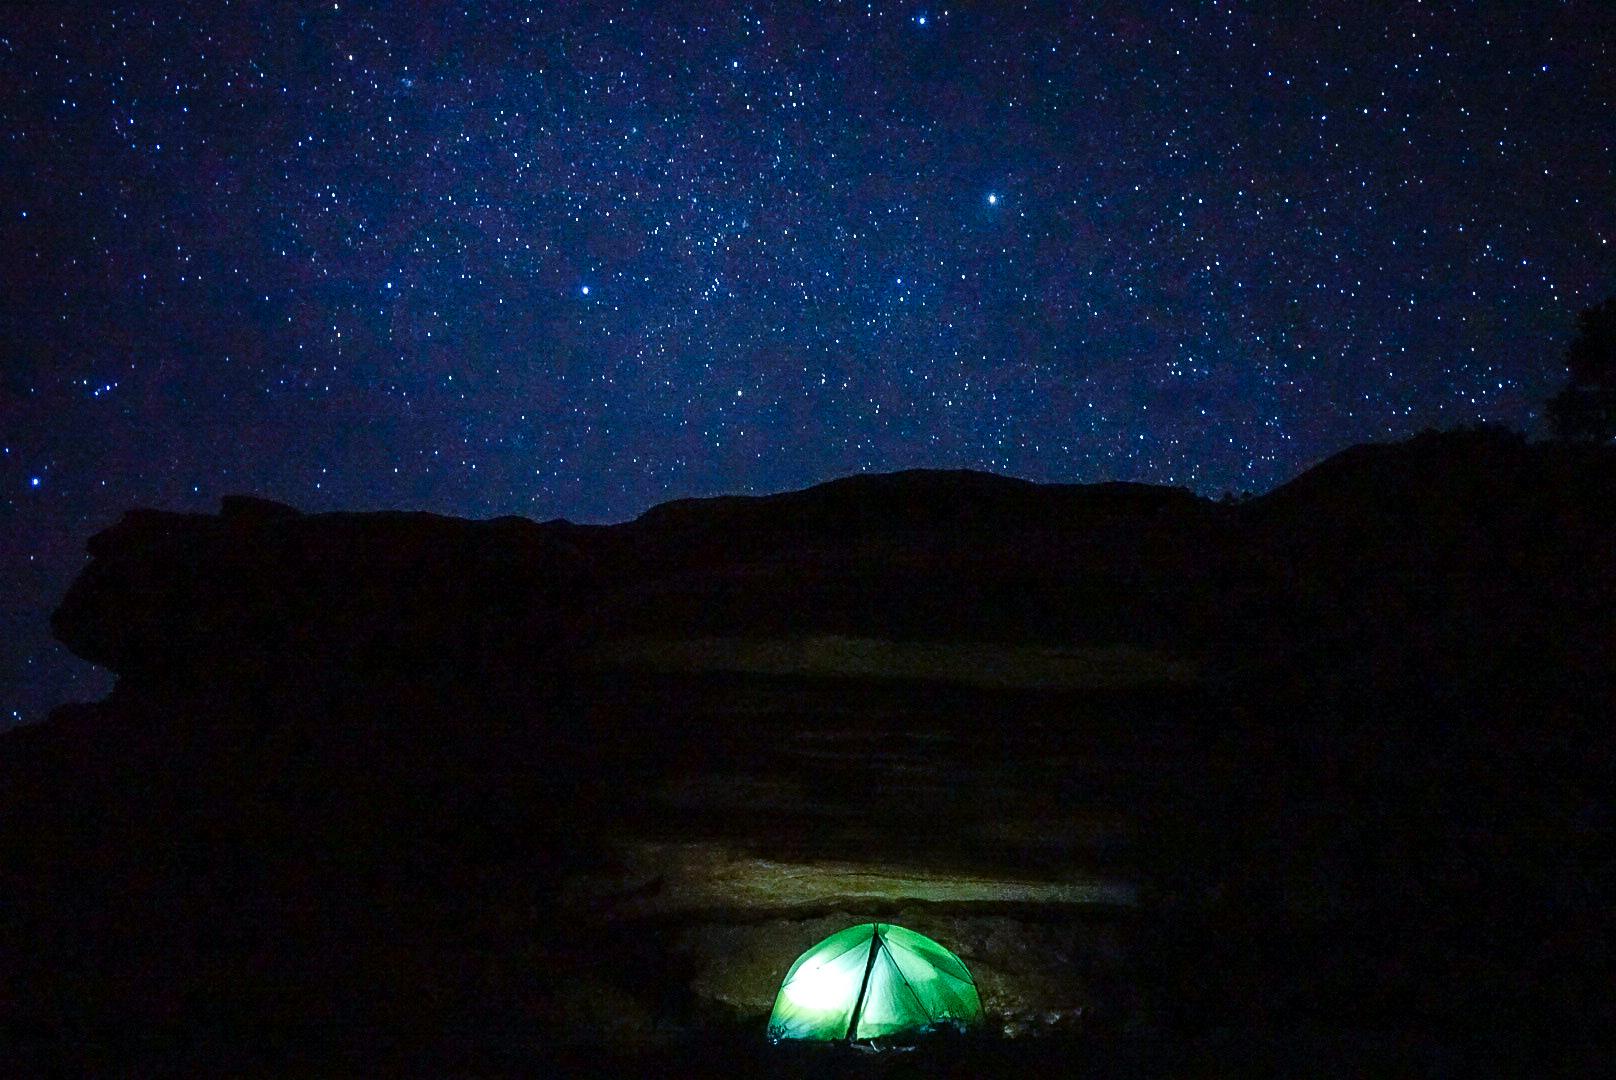 Stary desert night sky